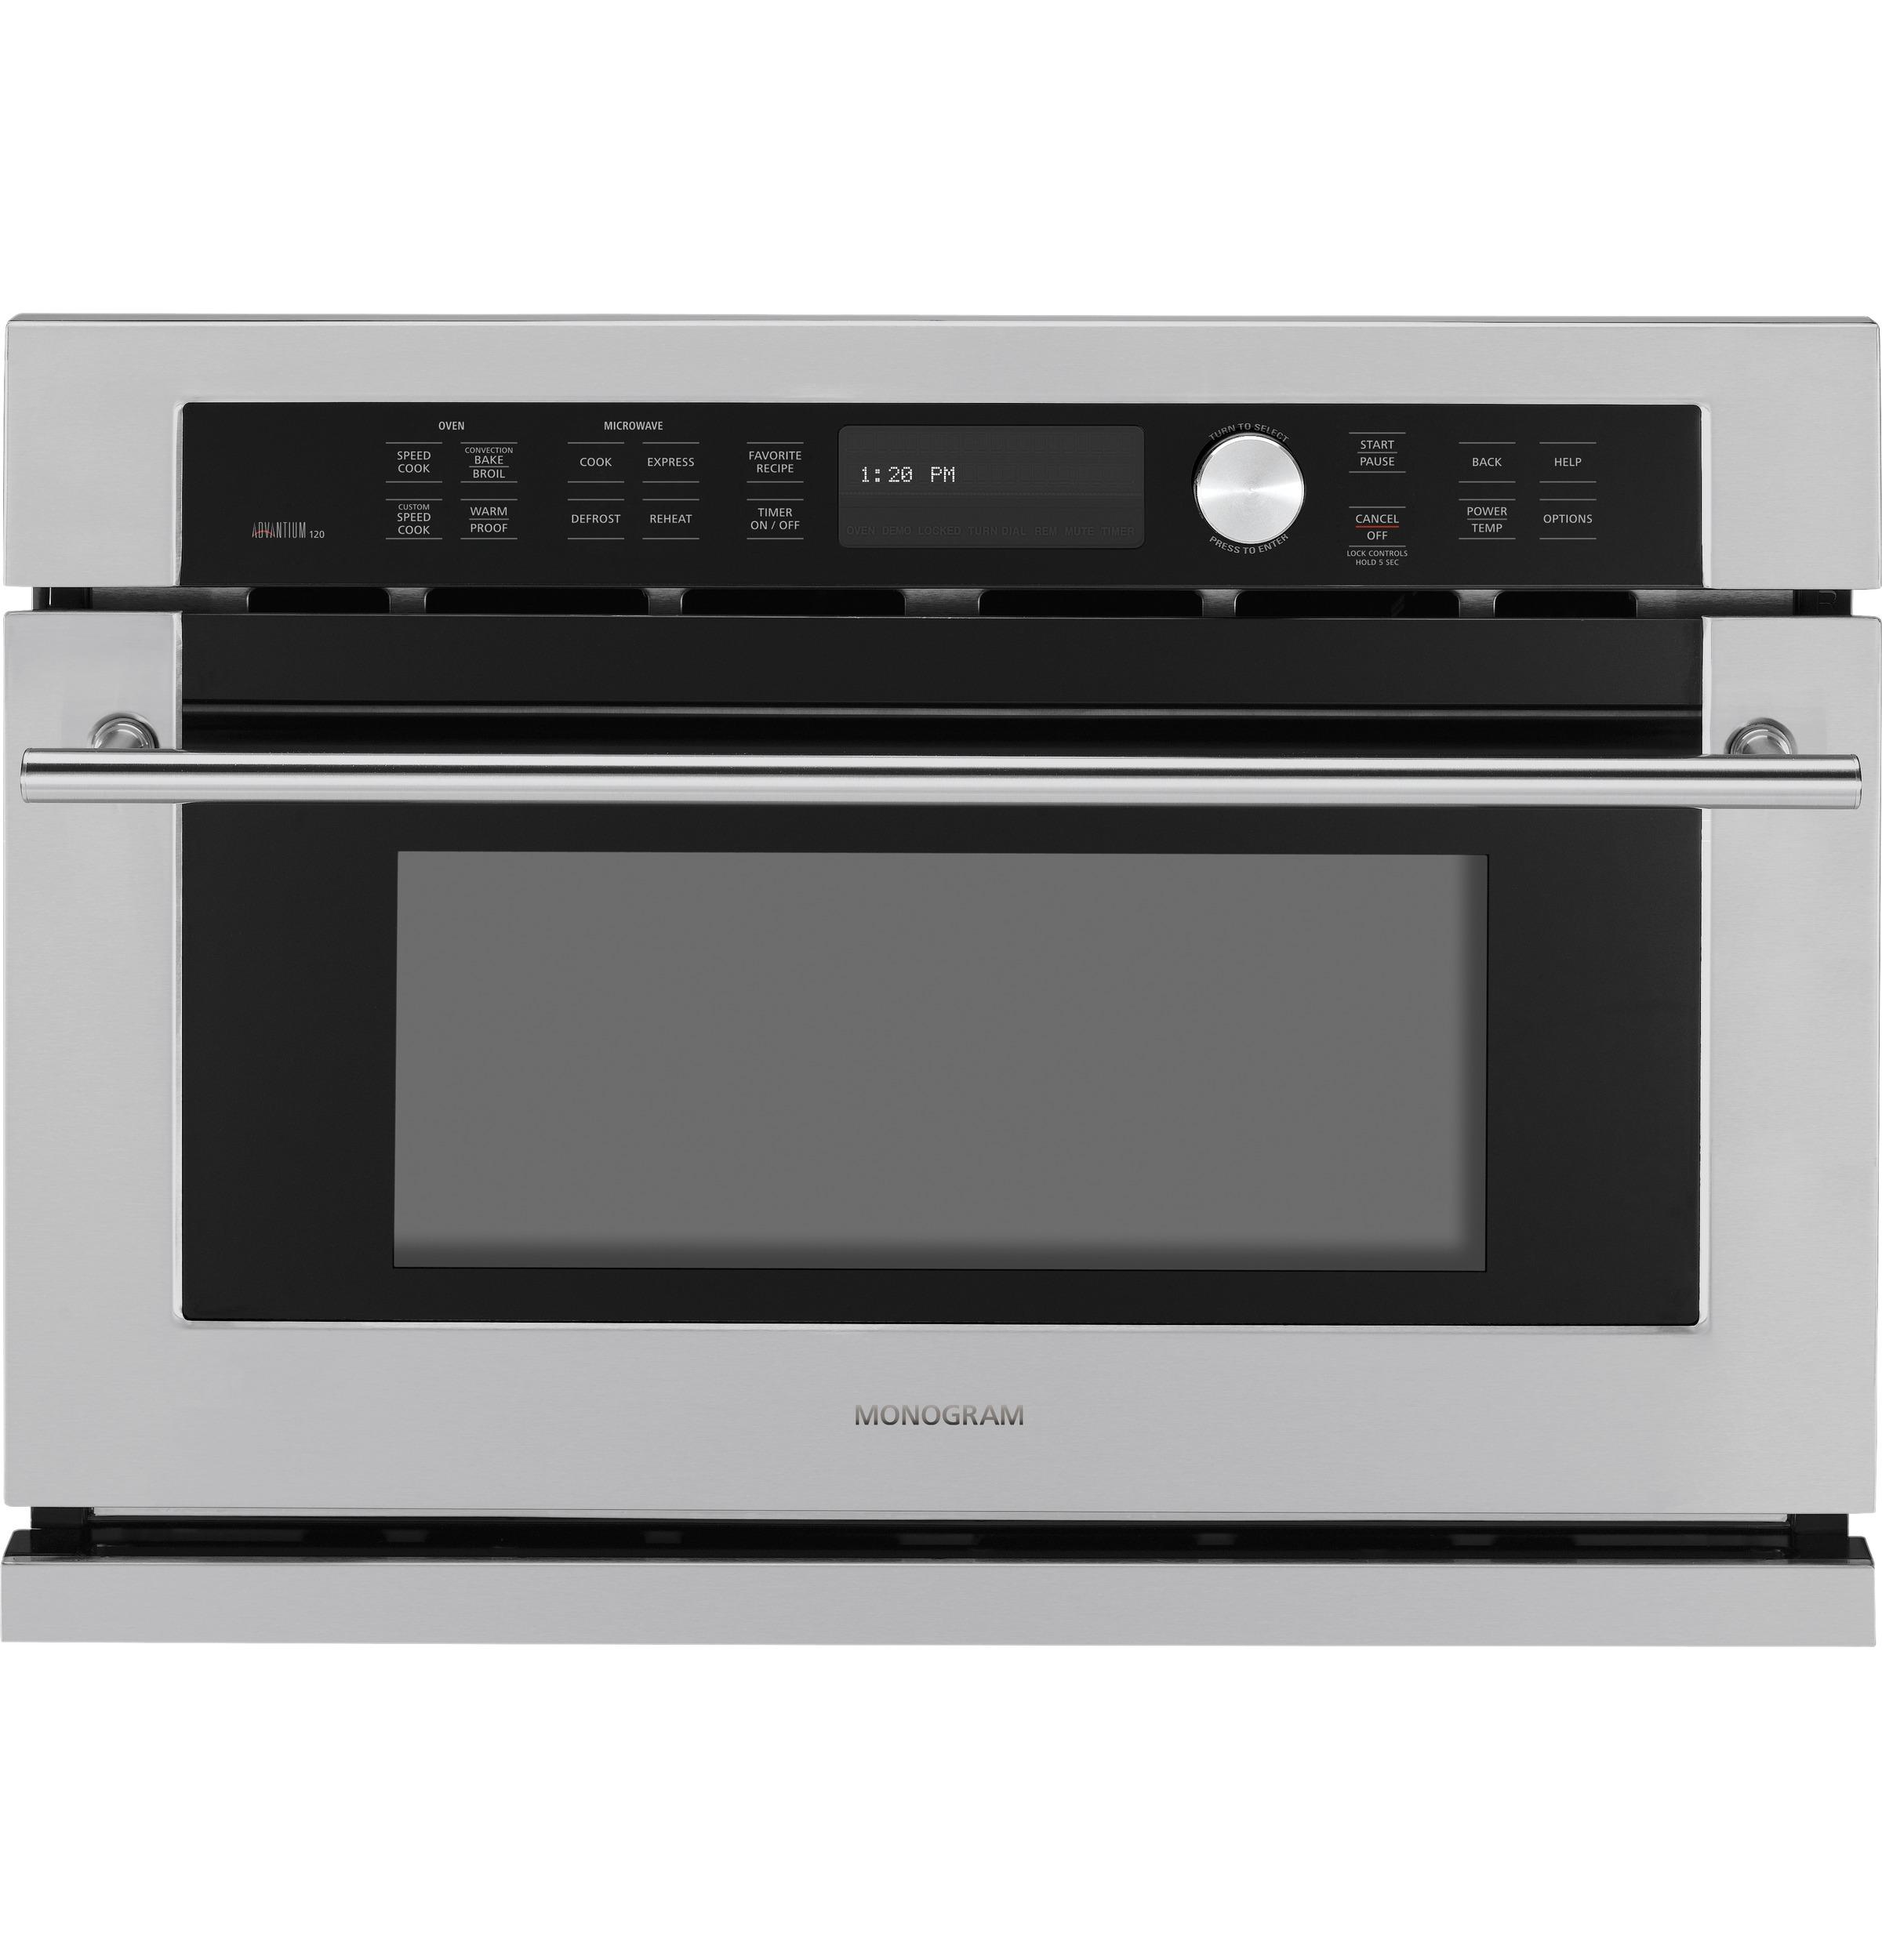 Model: ZSC1001JSS | Monogram Built-In Oven with Advantium® Speedcook Technology- 120V